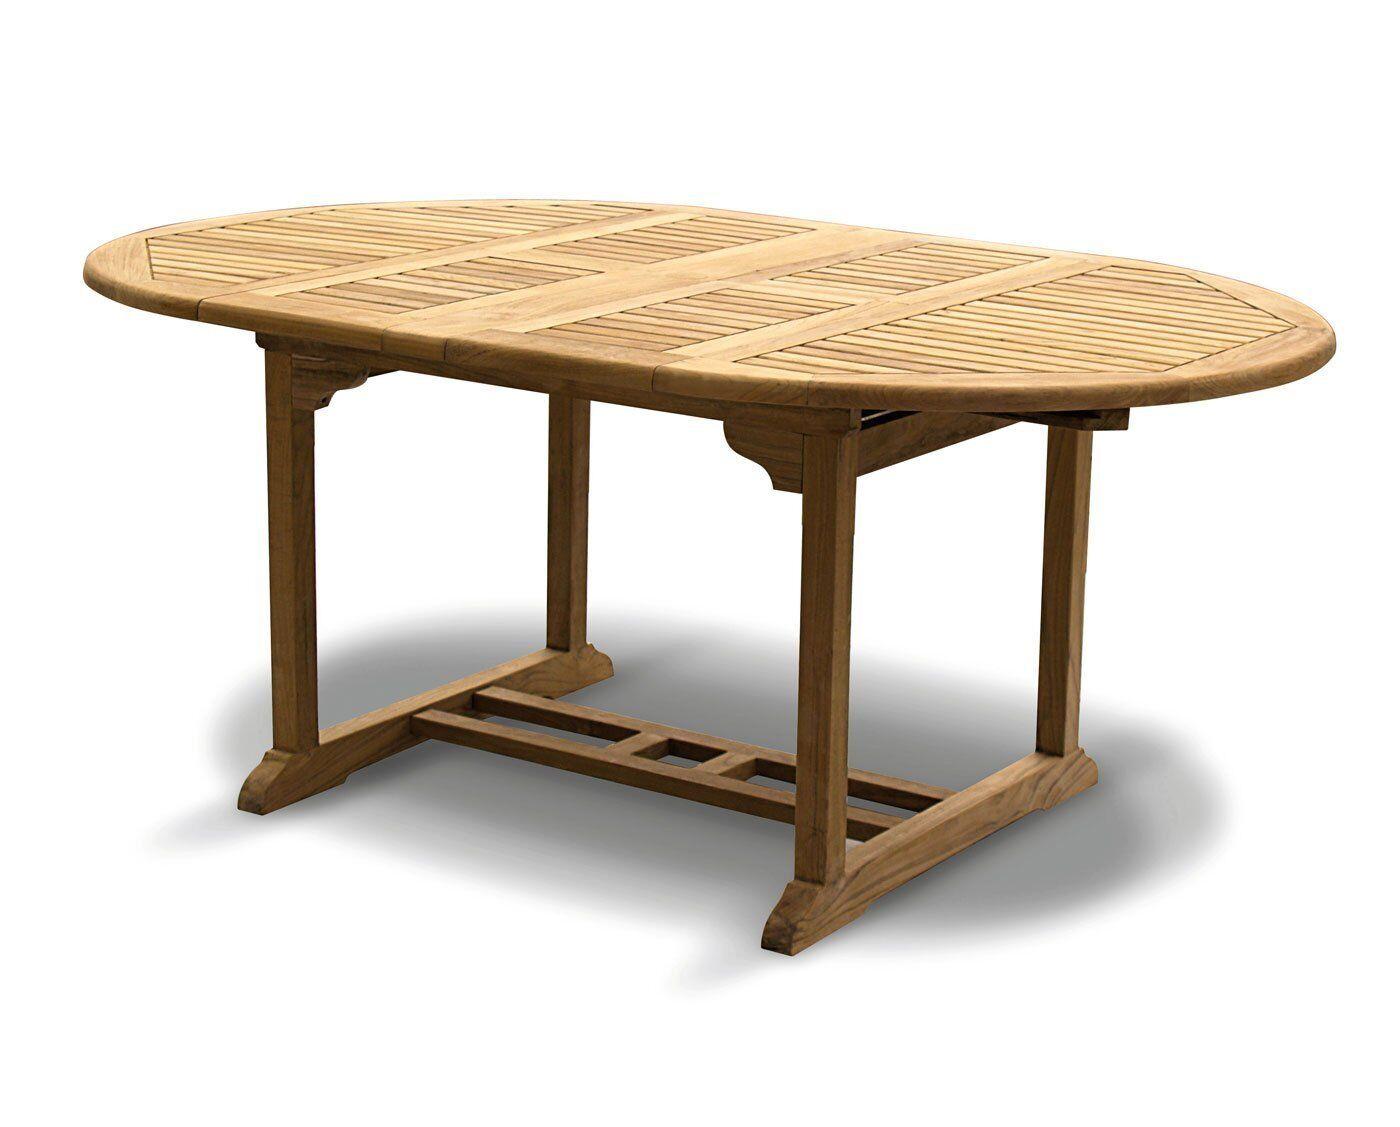 Details about Oxburgh Premium Teak Extendable Garden Table 8.8-8.8m -  Double Lead Extending